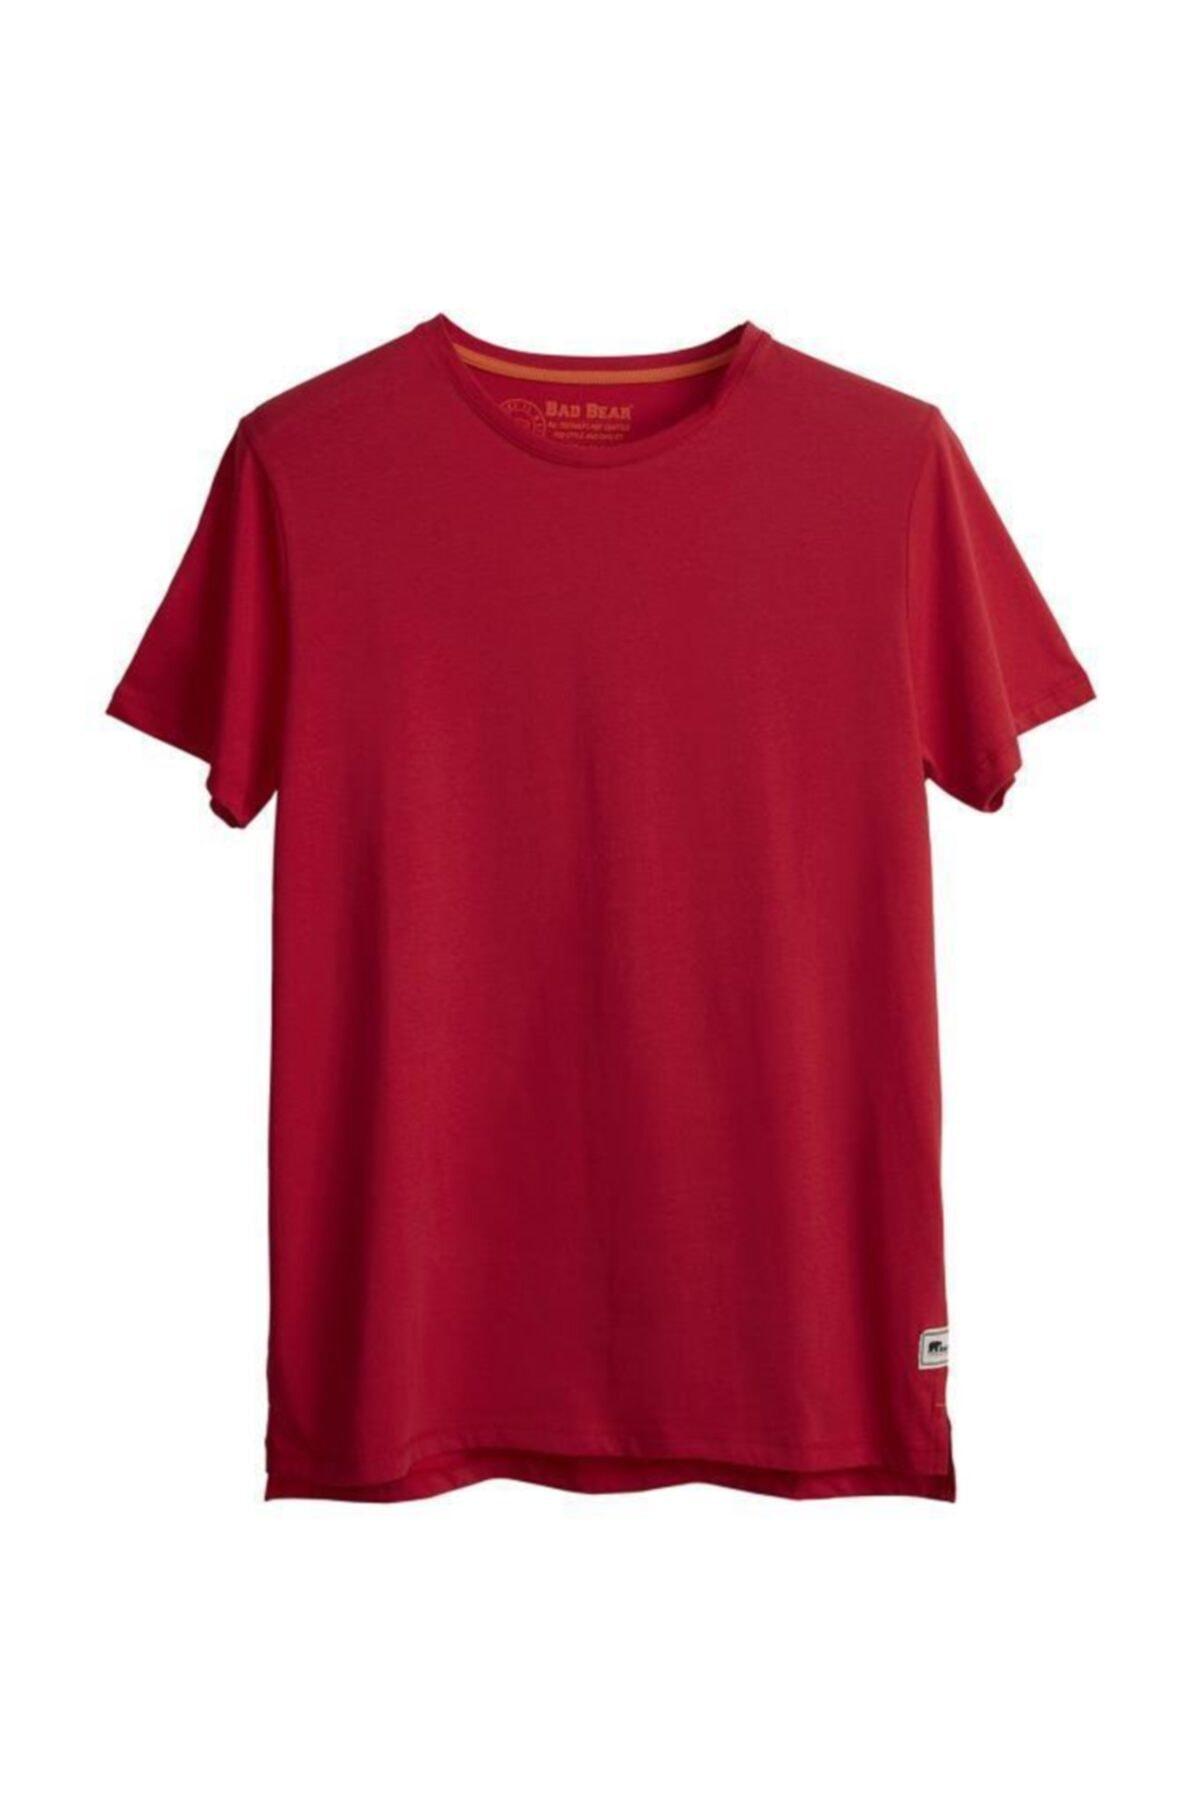 Erkek Kırmızı T-shirt Major Tee Oversize 21.01.07.034